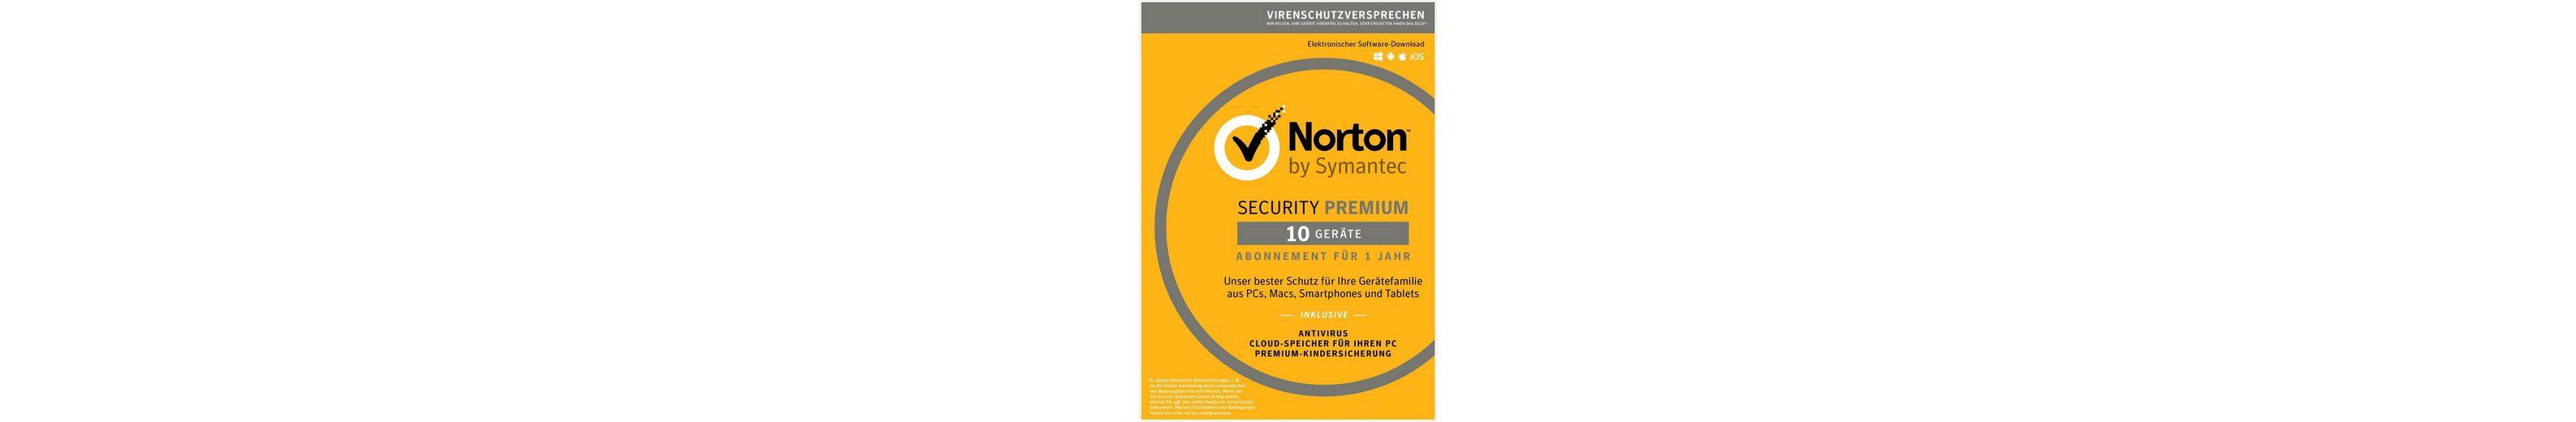 Norton Sicherheitssoftware »Security Premium (10 Benutzer)«